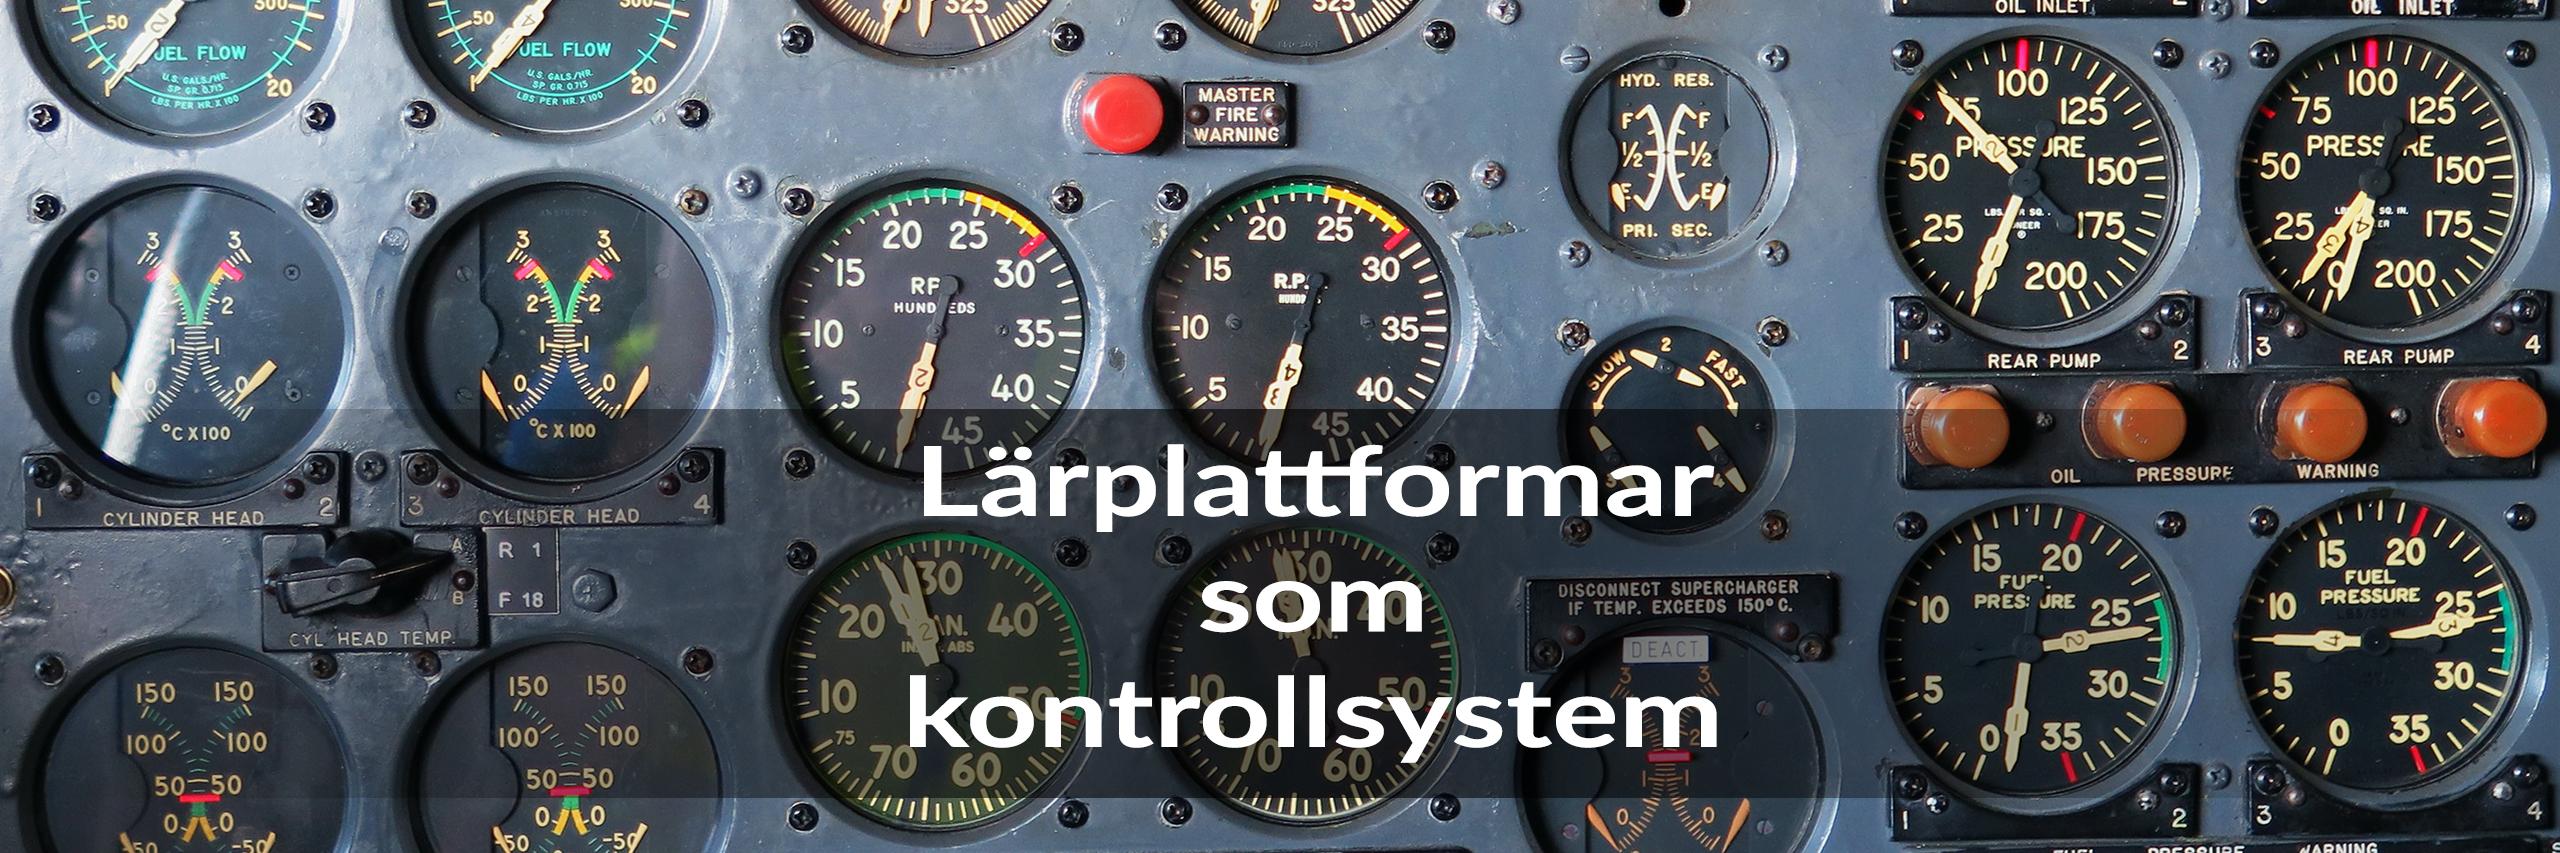 Skolplattformen, del 19: Lärplattformar och kontrollsystem